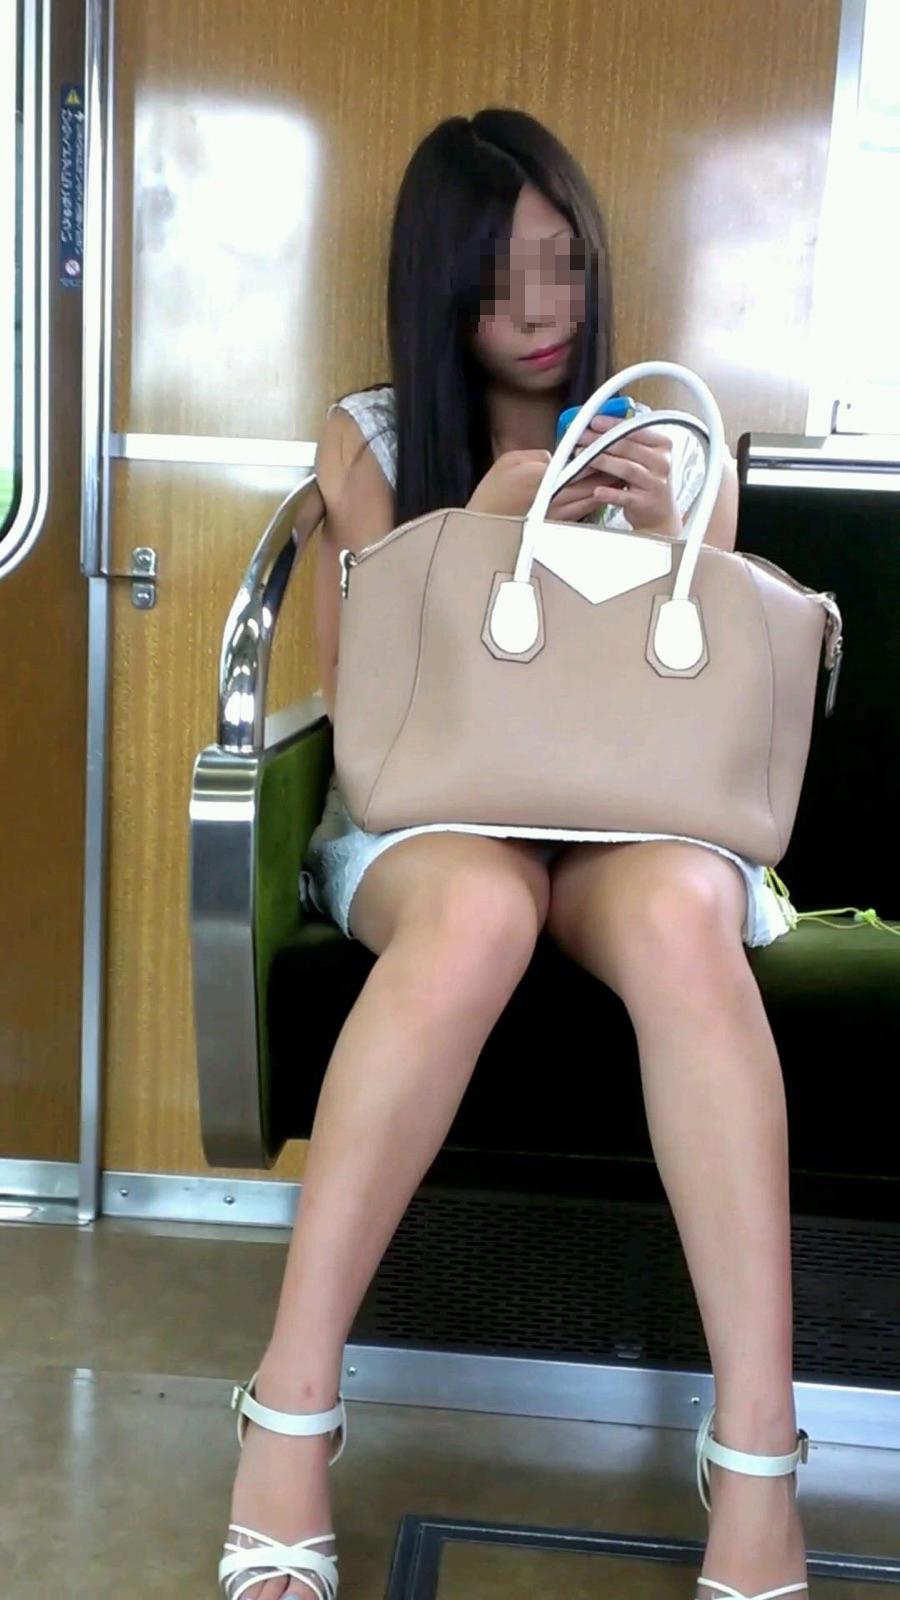 【パンチラエロ画像】そりゃ見ますともwがら空きの股間で誘う電車対面チラ(;´∀`)